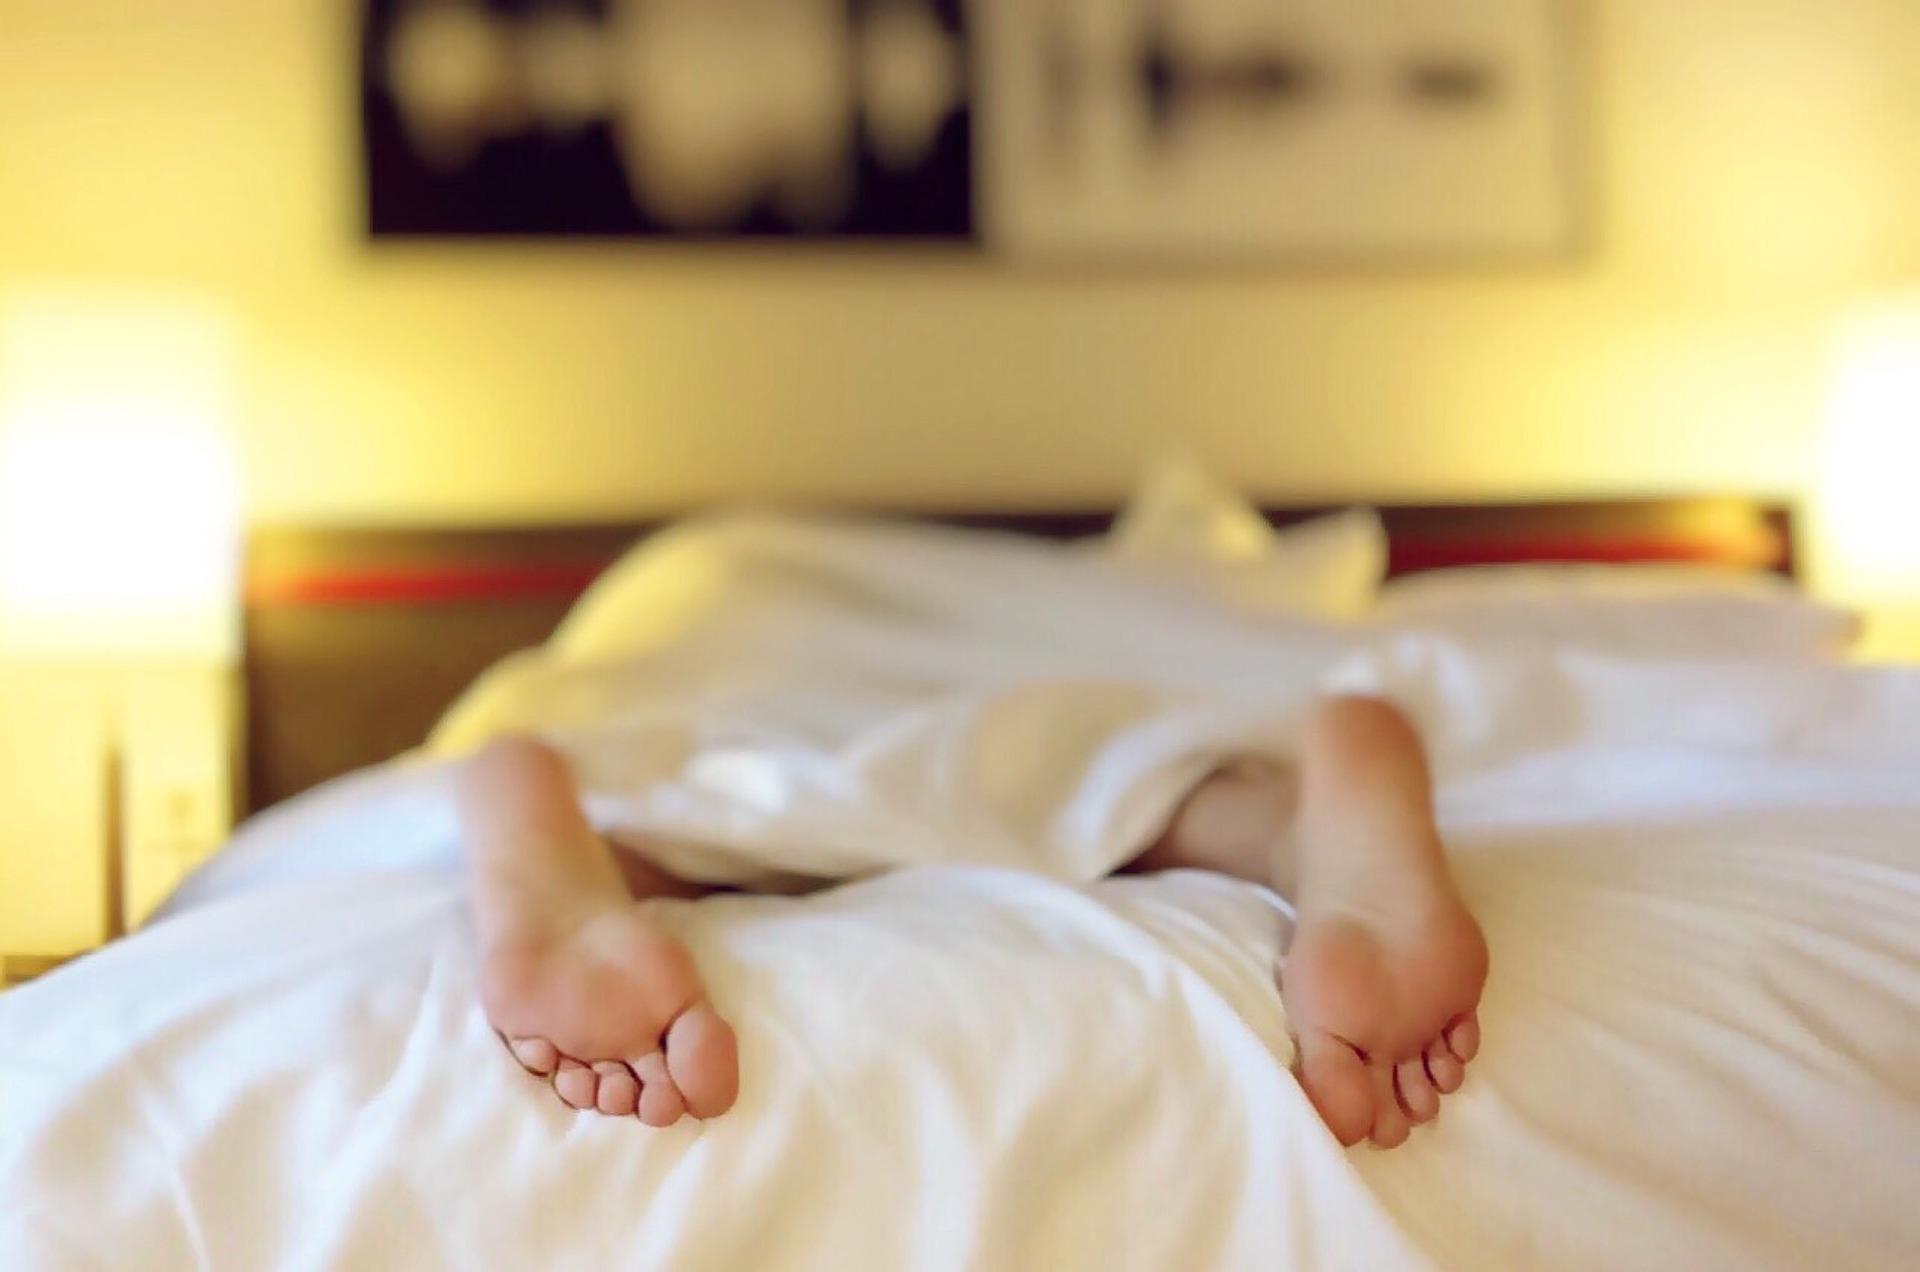 Das geile Gefühl eines frisch bezogenen Betts